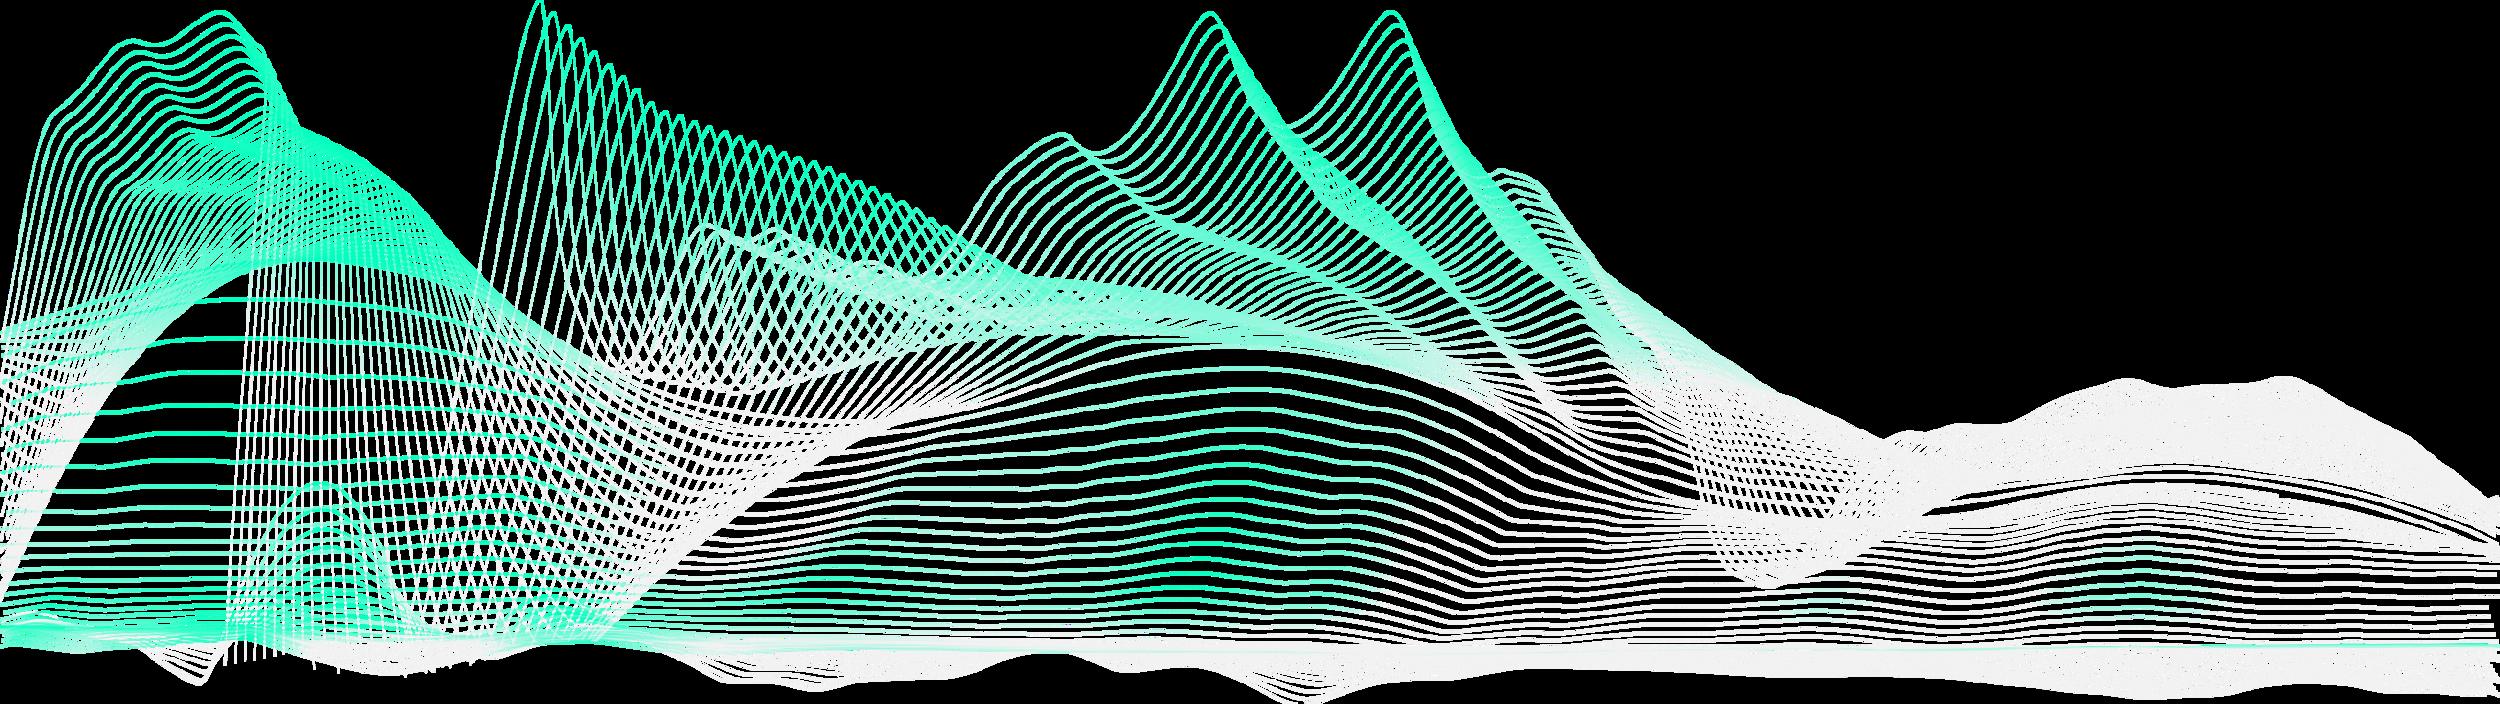 ombre aqua wave.png